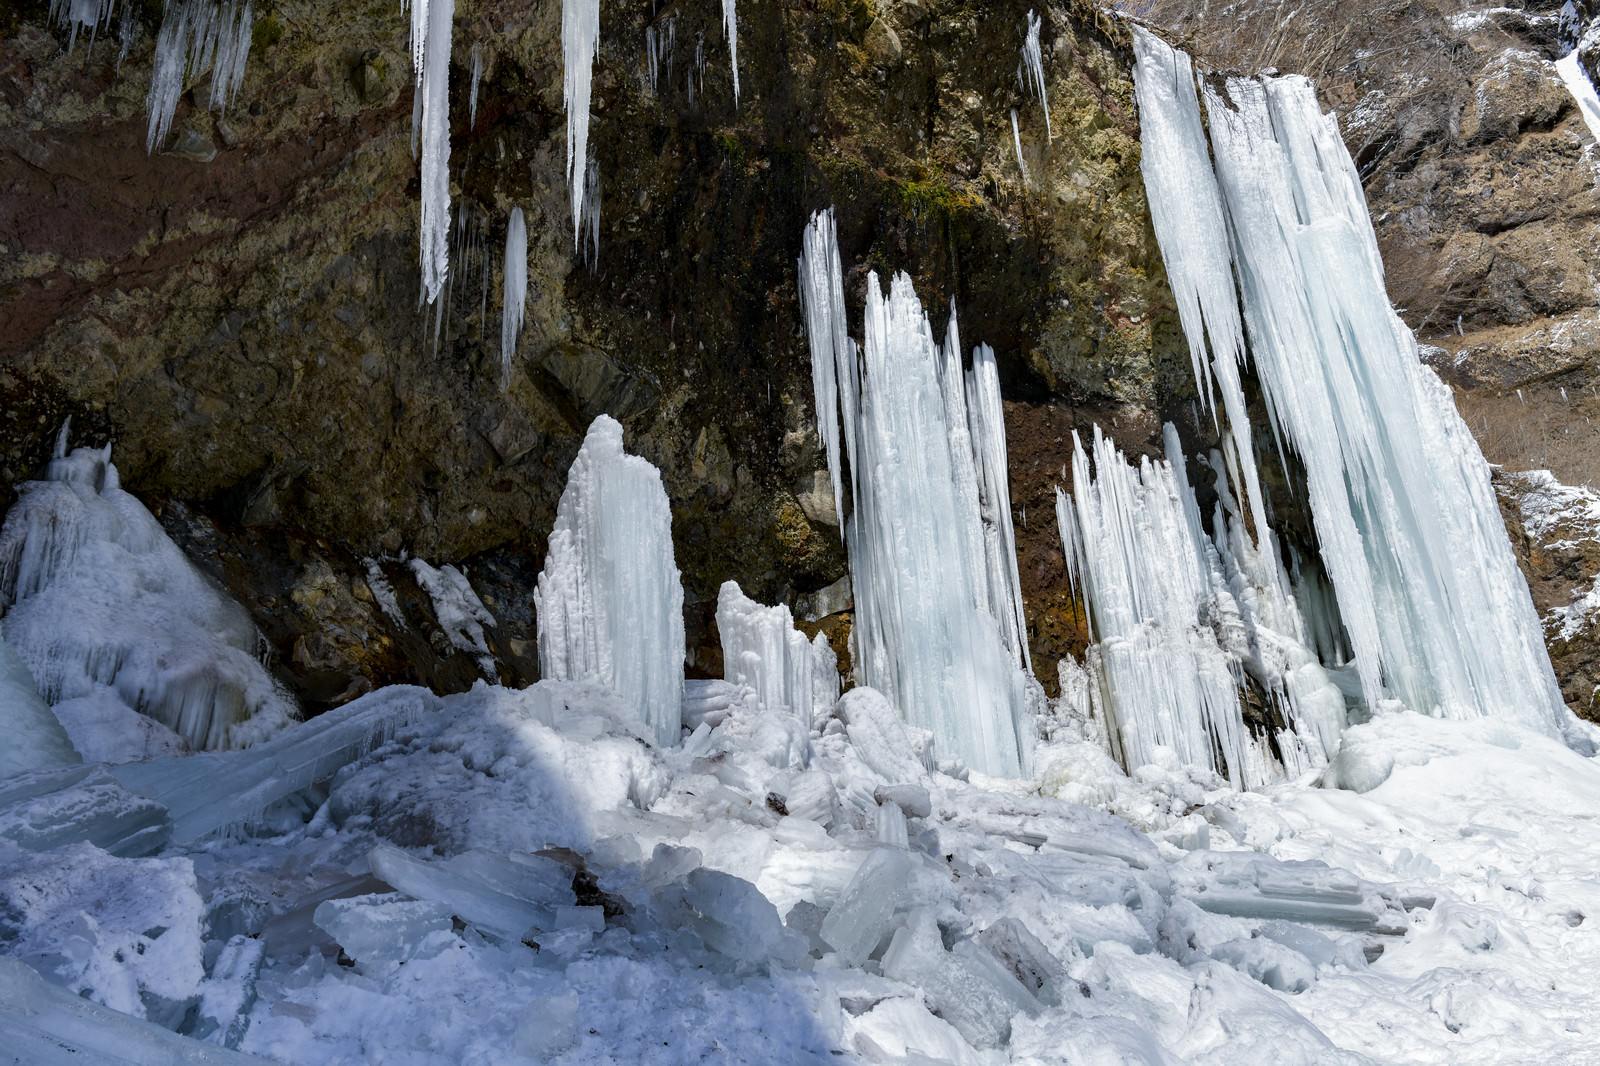 「崩れ落ちた氷柱」の写真